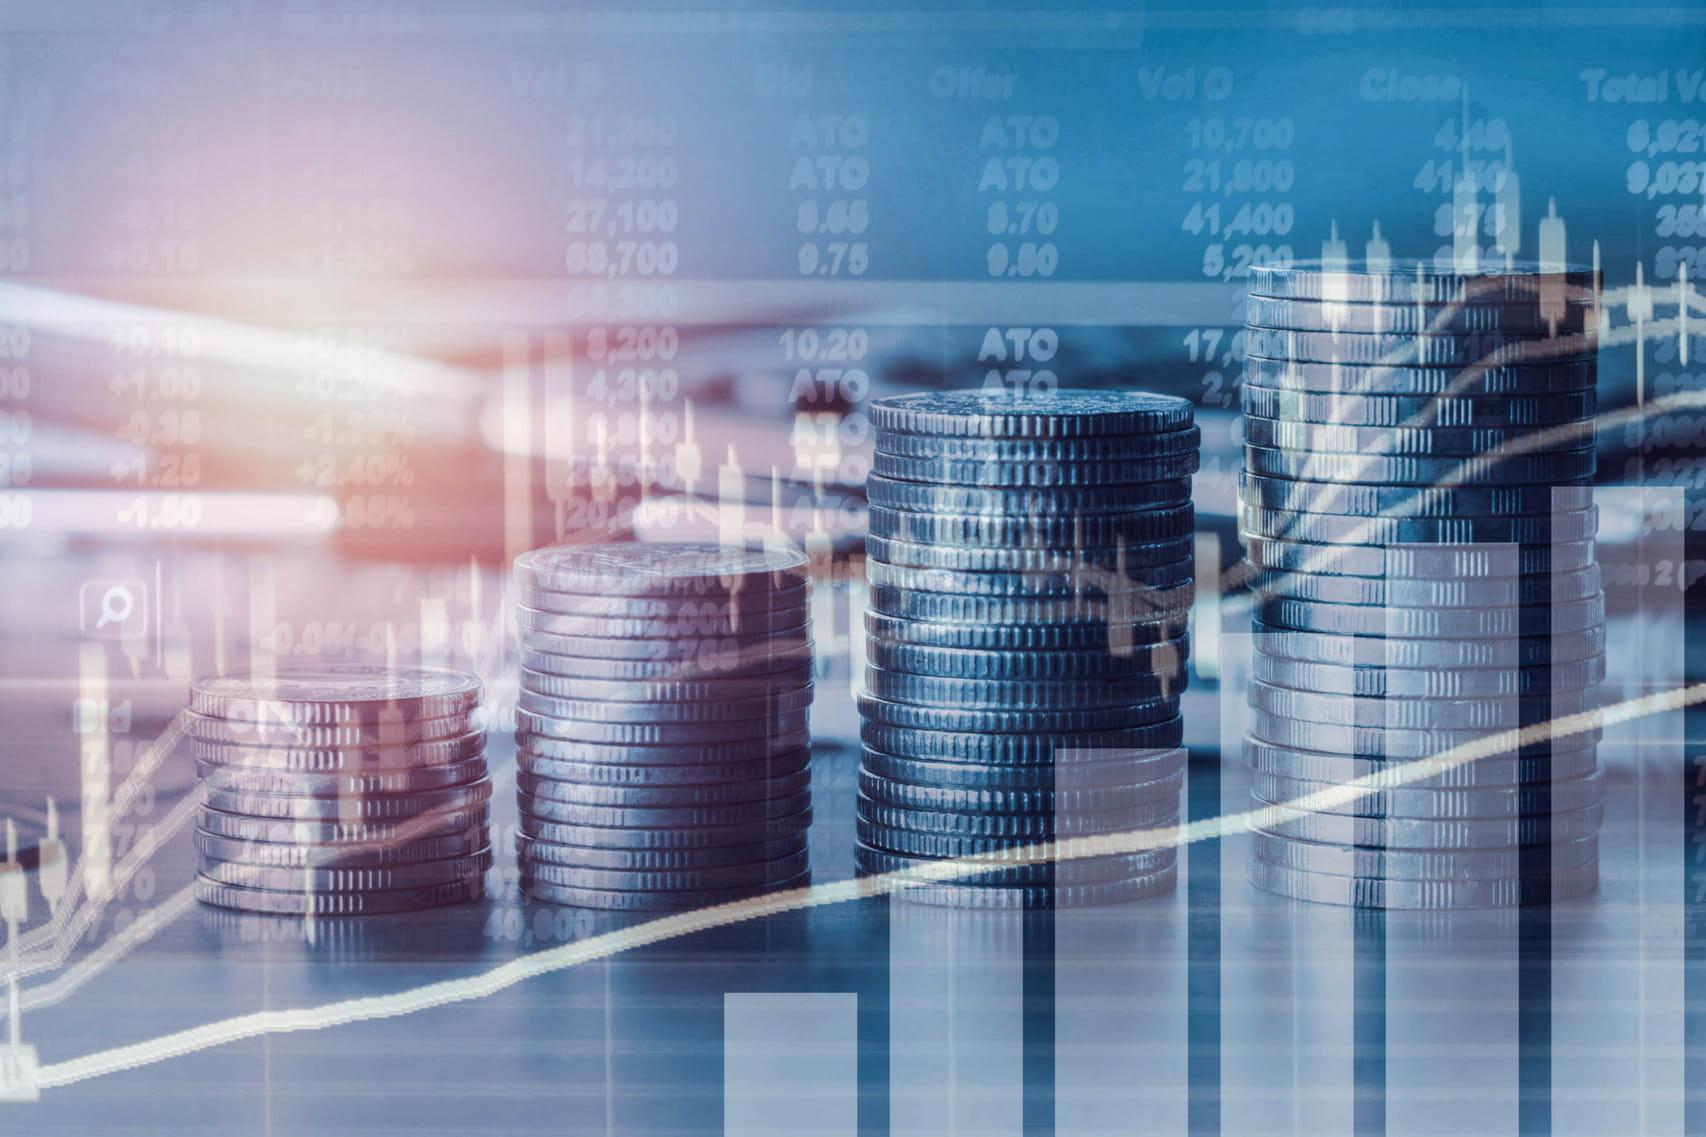 Cryptyk Token Economics